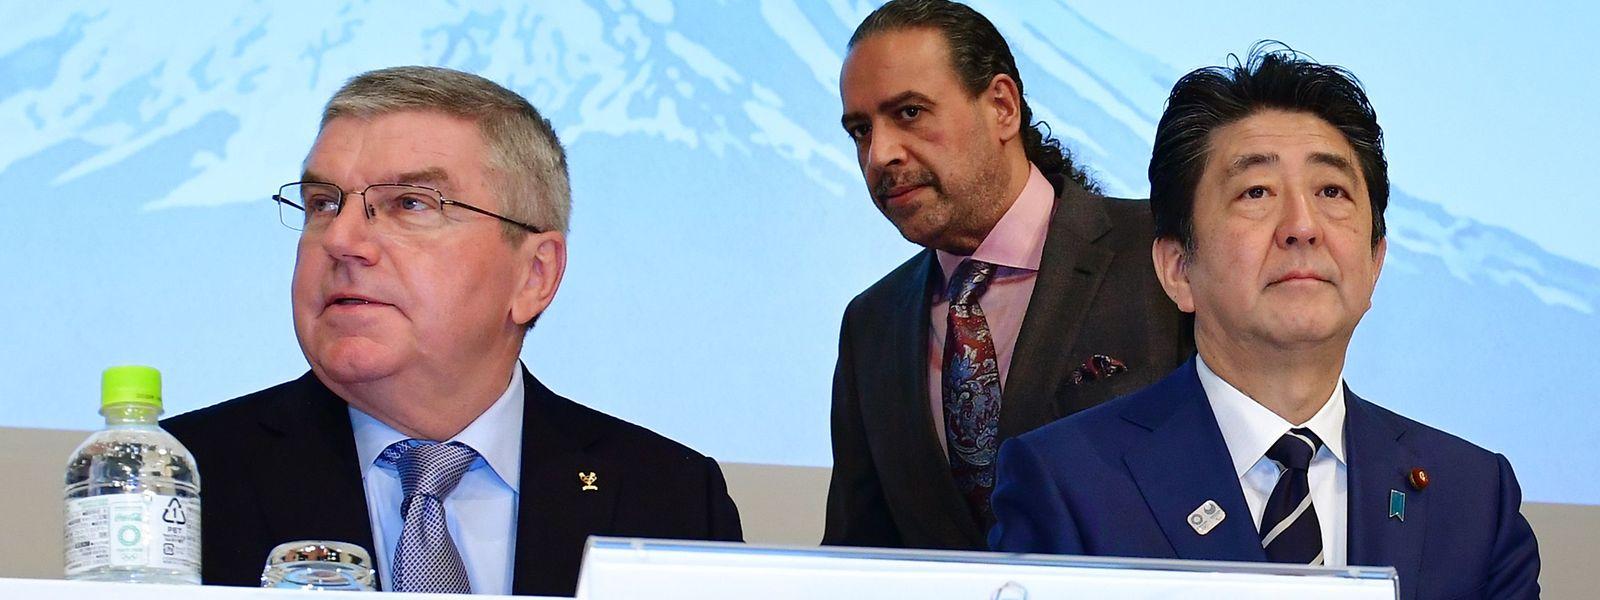 Le président du CIO Thomas Bach et le Premier ministre japonais Shinzo Abe sont ouverts au report des Jeux olympiques.